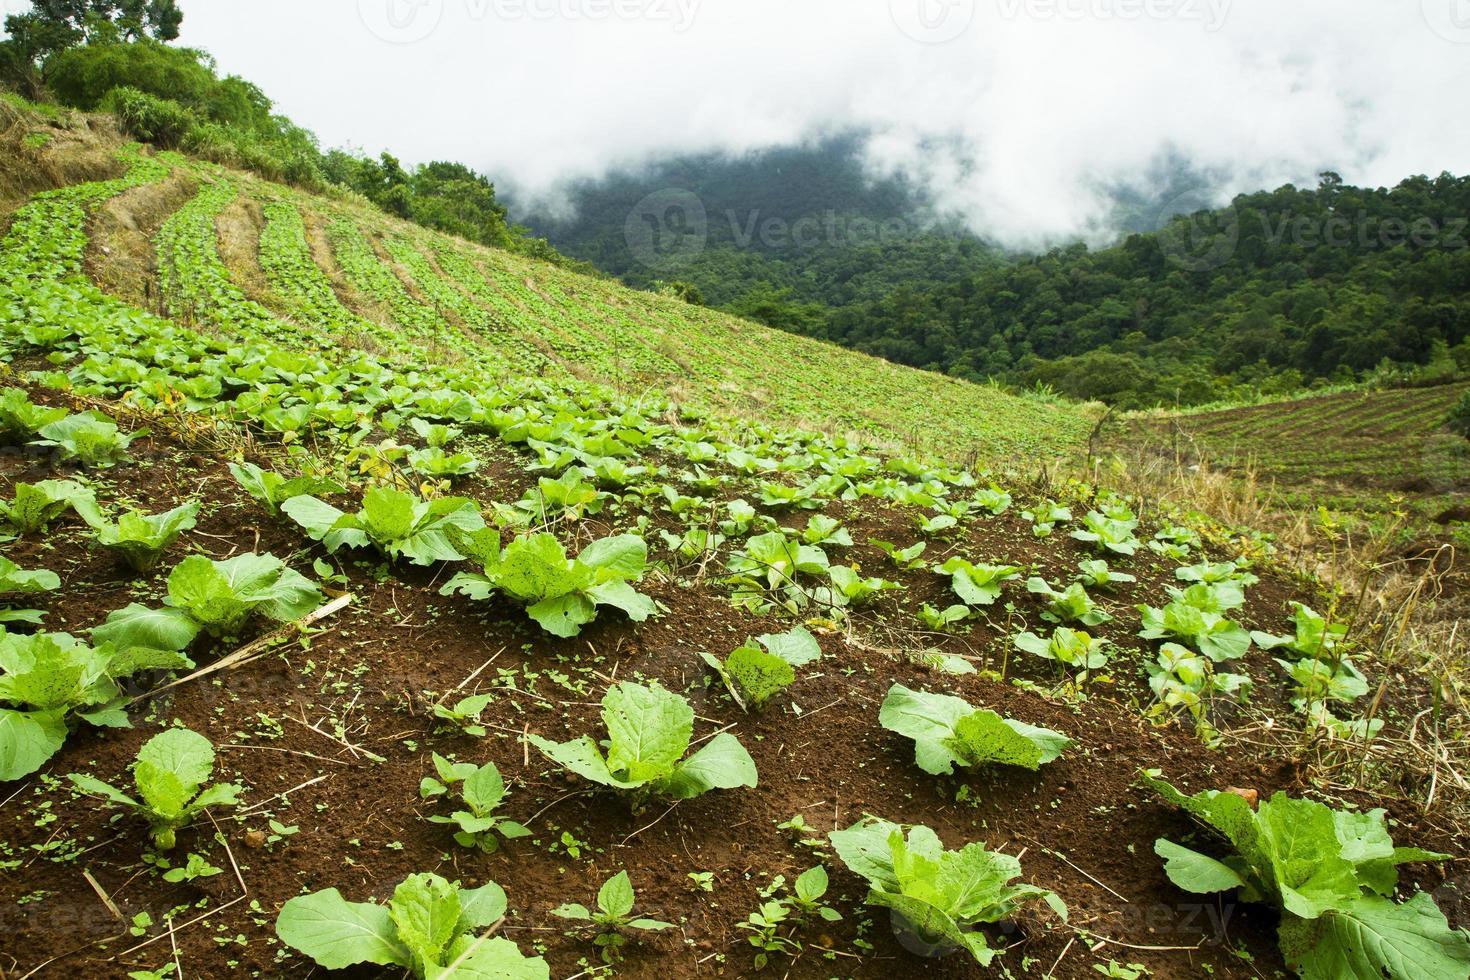 Gemüsestufenbett am Berg foto